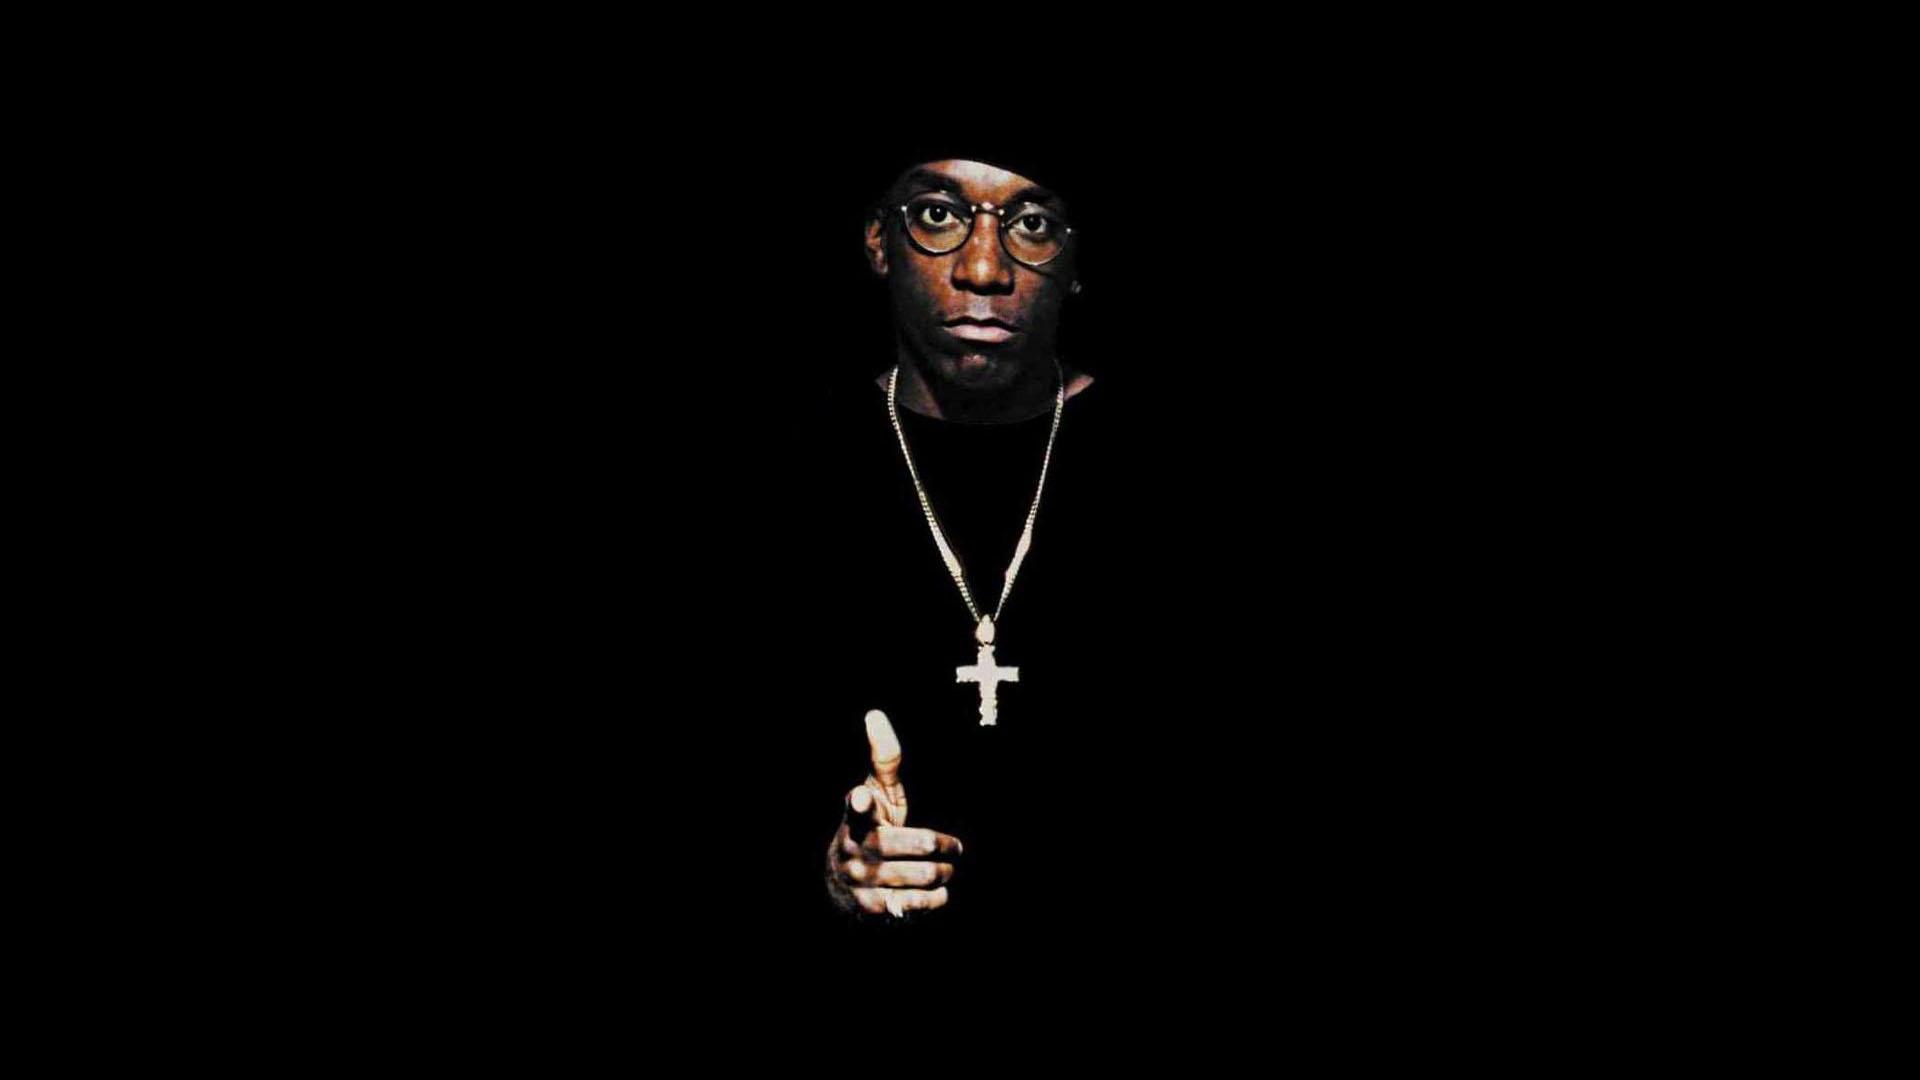 Hoy hace 18 años que asesinaron al rapero Big L